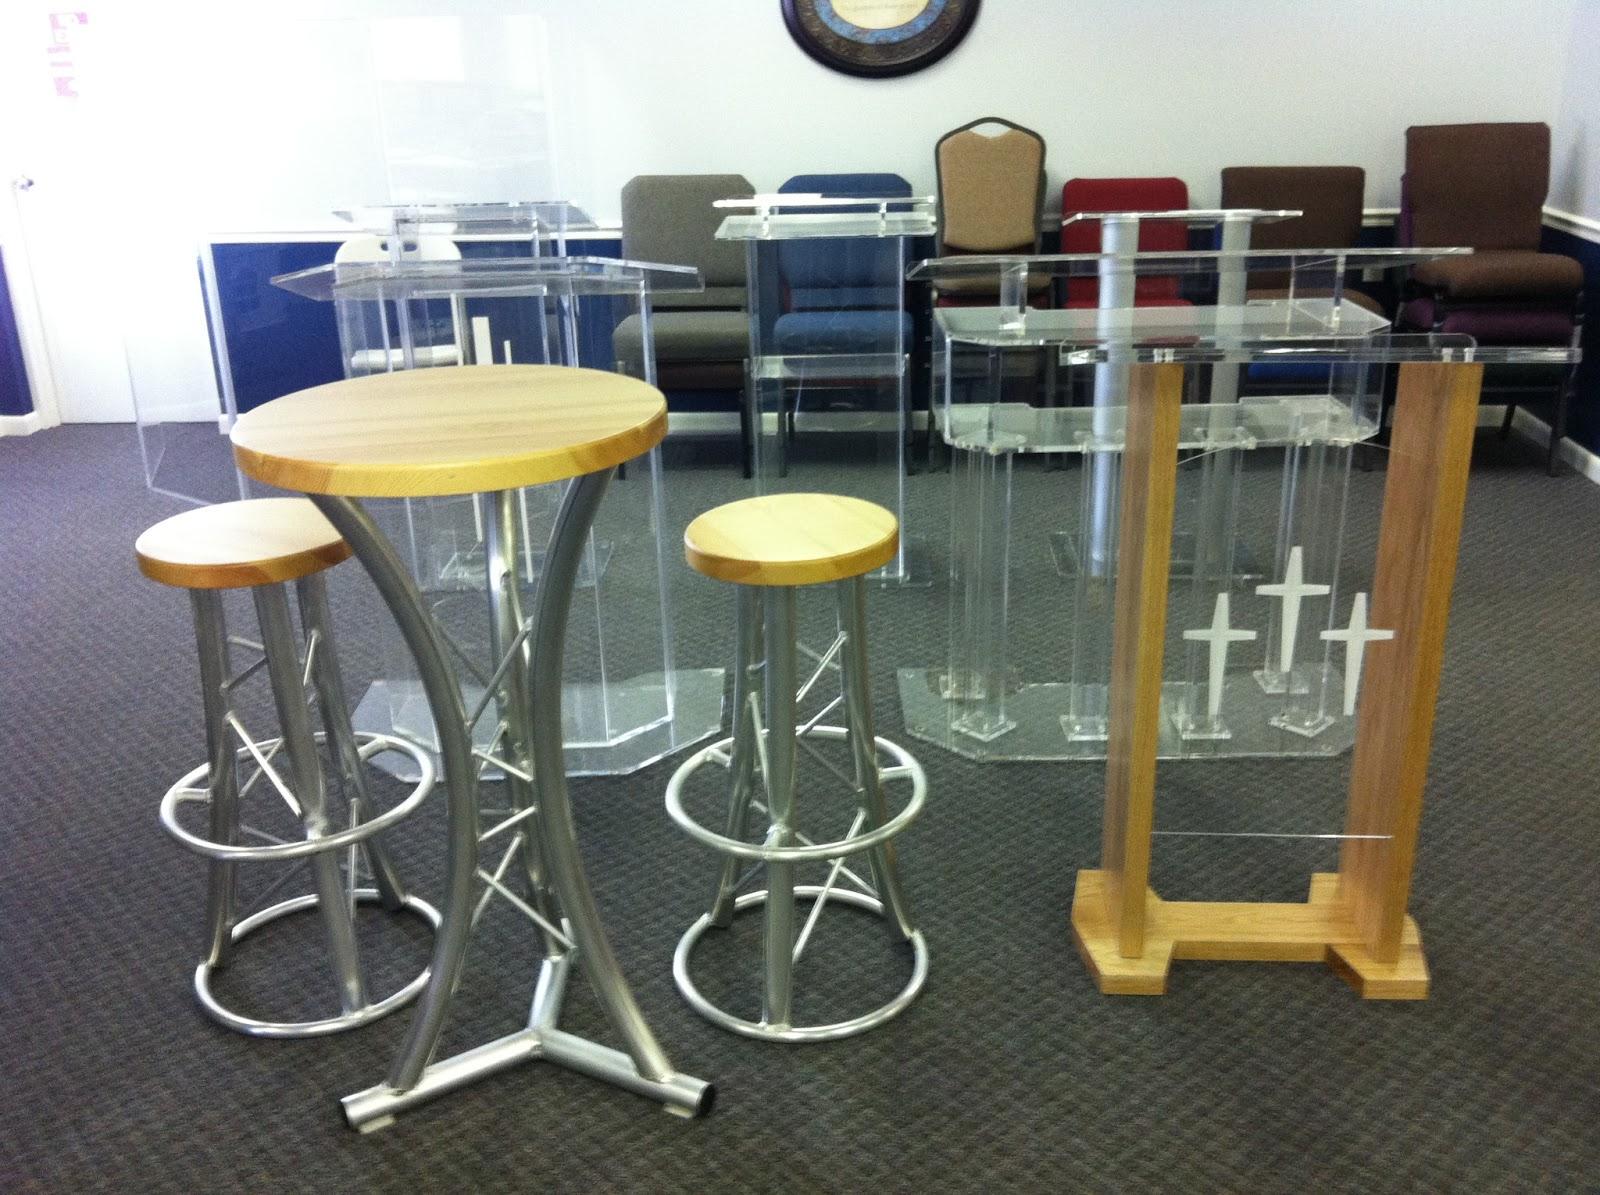 Church Furniture: Coffee Shop Trends in Church